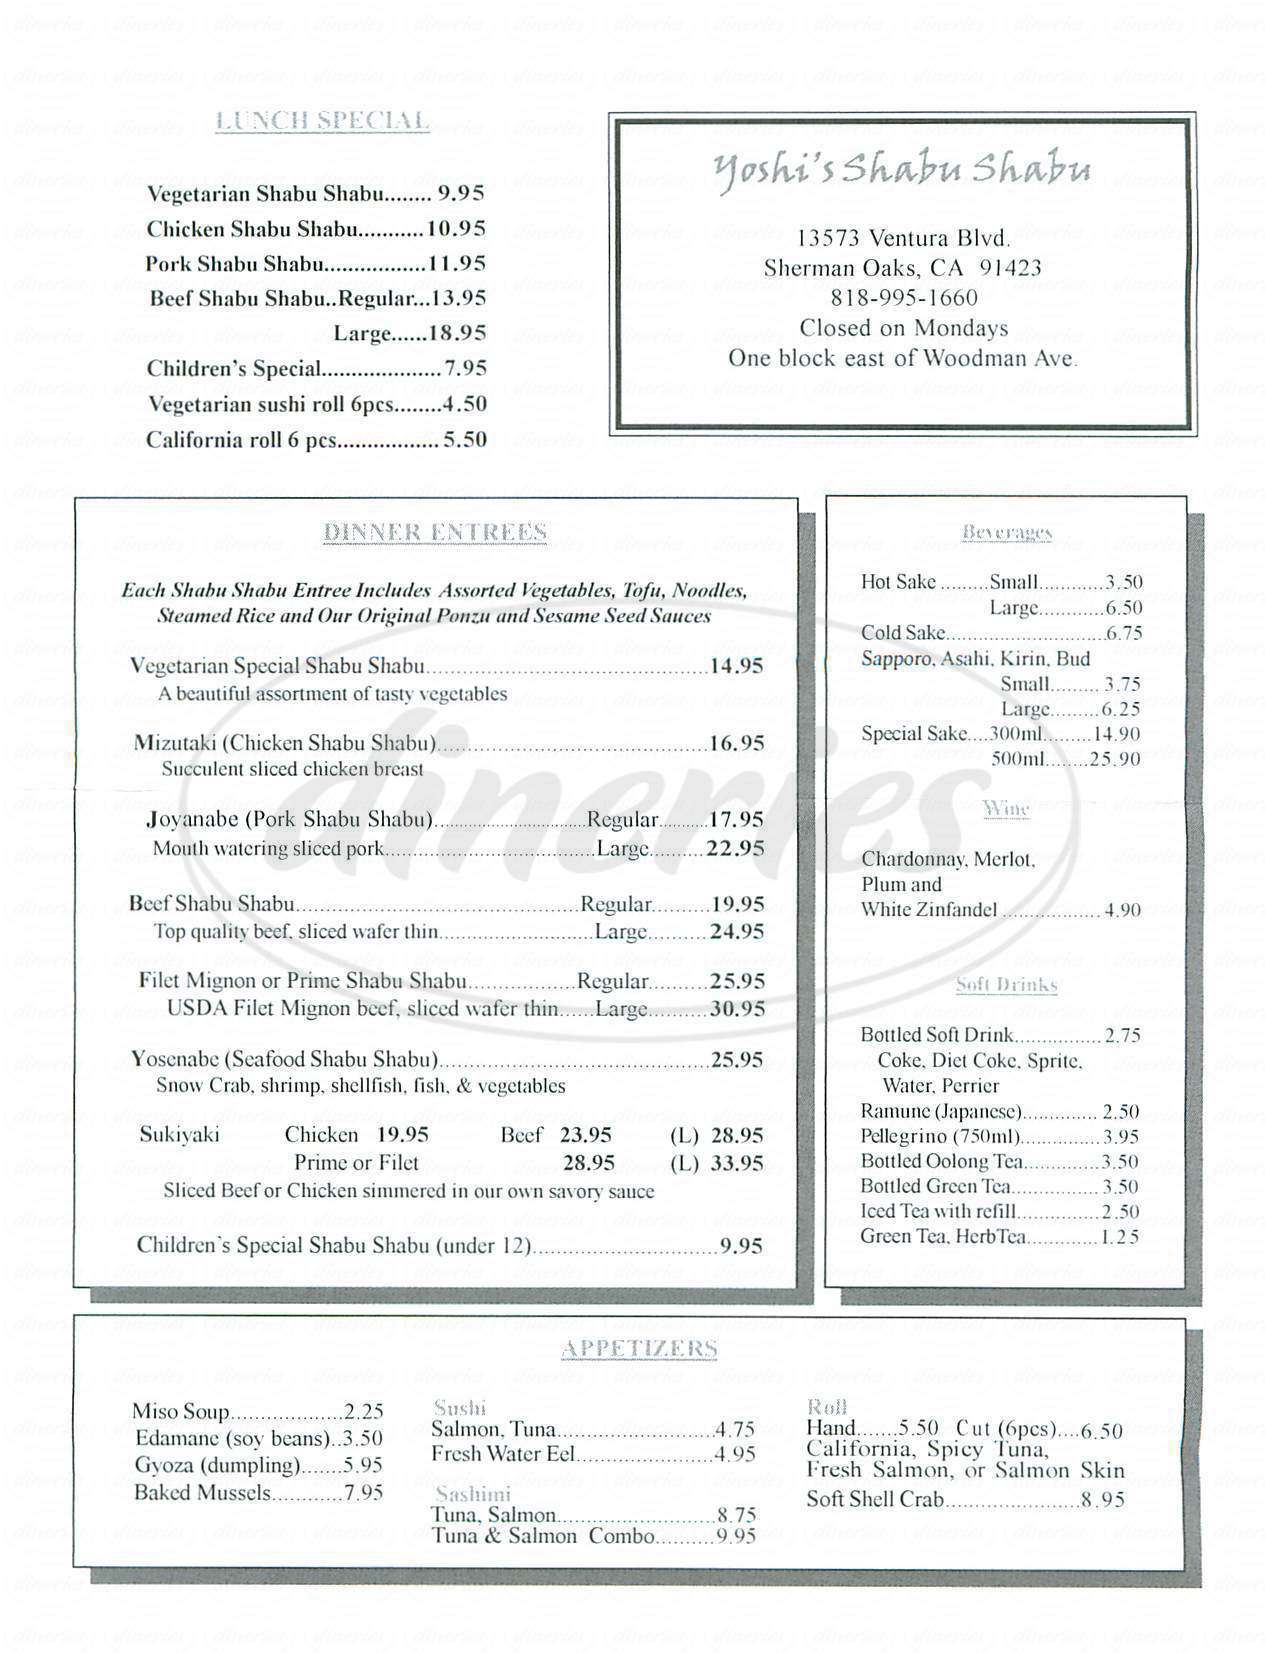 menu for Yoshi's Shabu Shabu